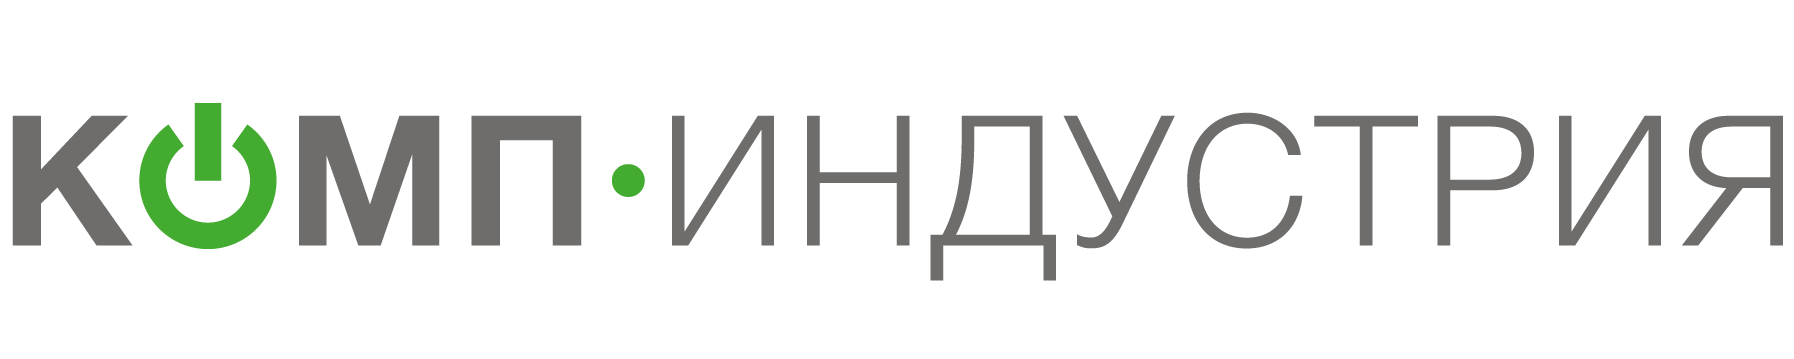 КОМП-ИНДУСТРИЯ